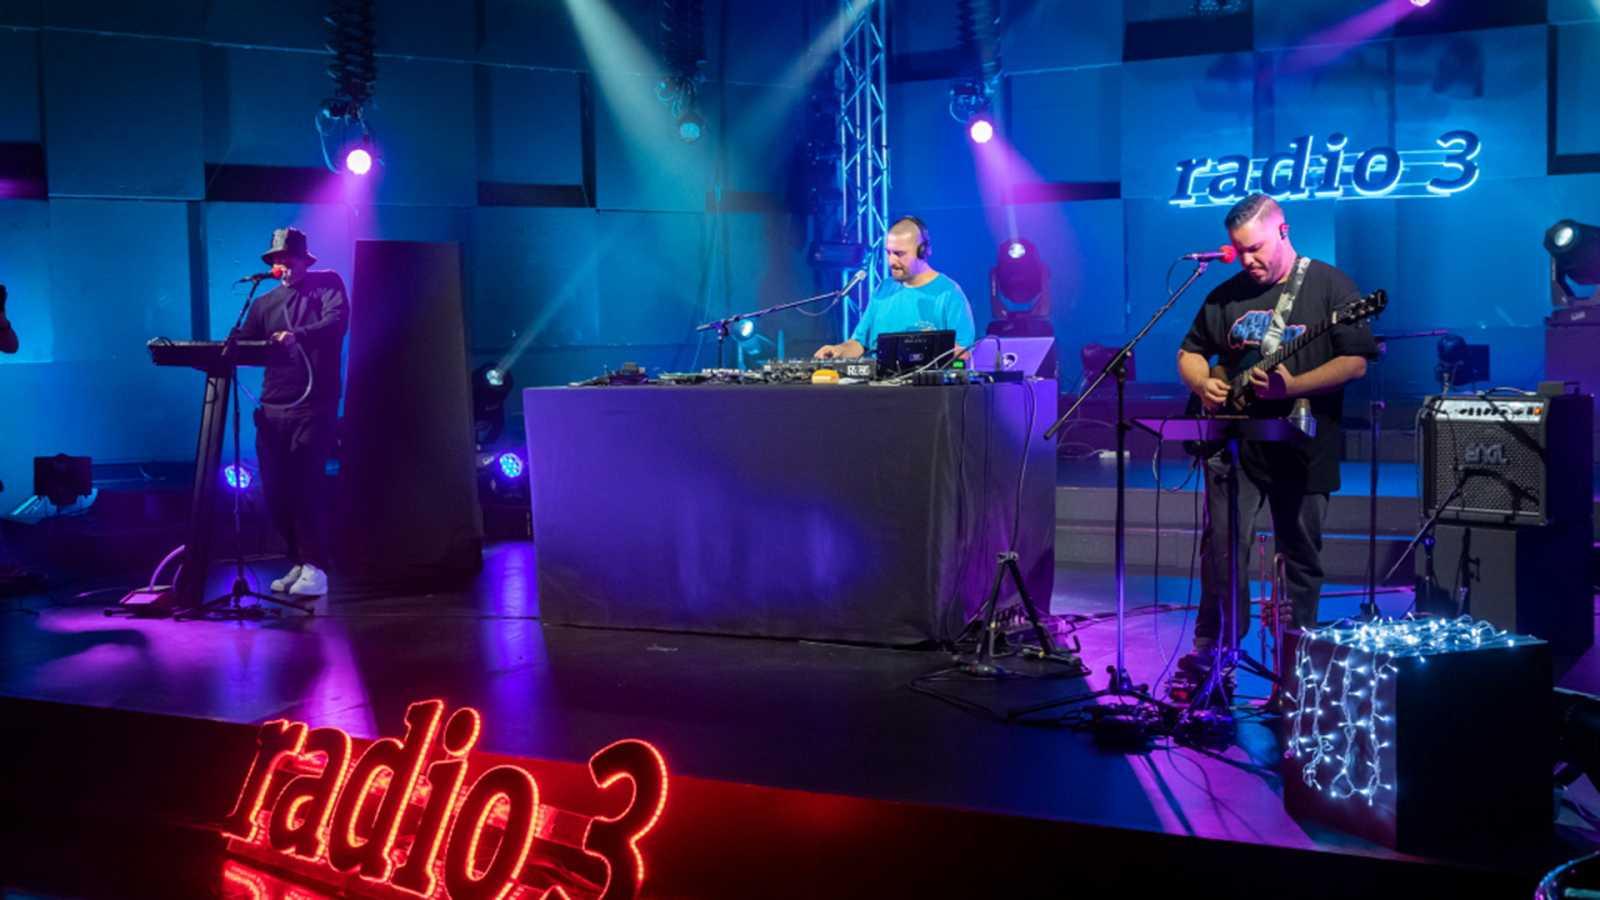 Los conciertos de Radio 3 - R de Rumba y Porcel - 10/12/20 - escuchar ahora